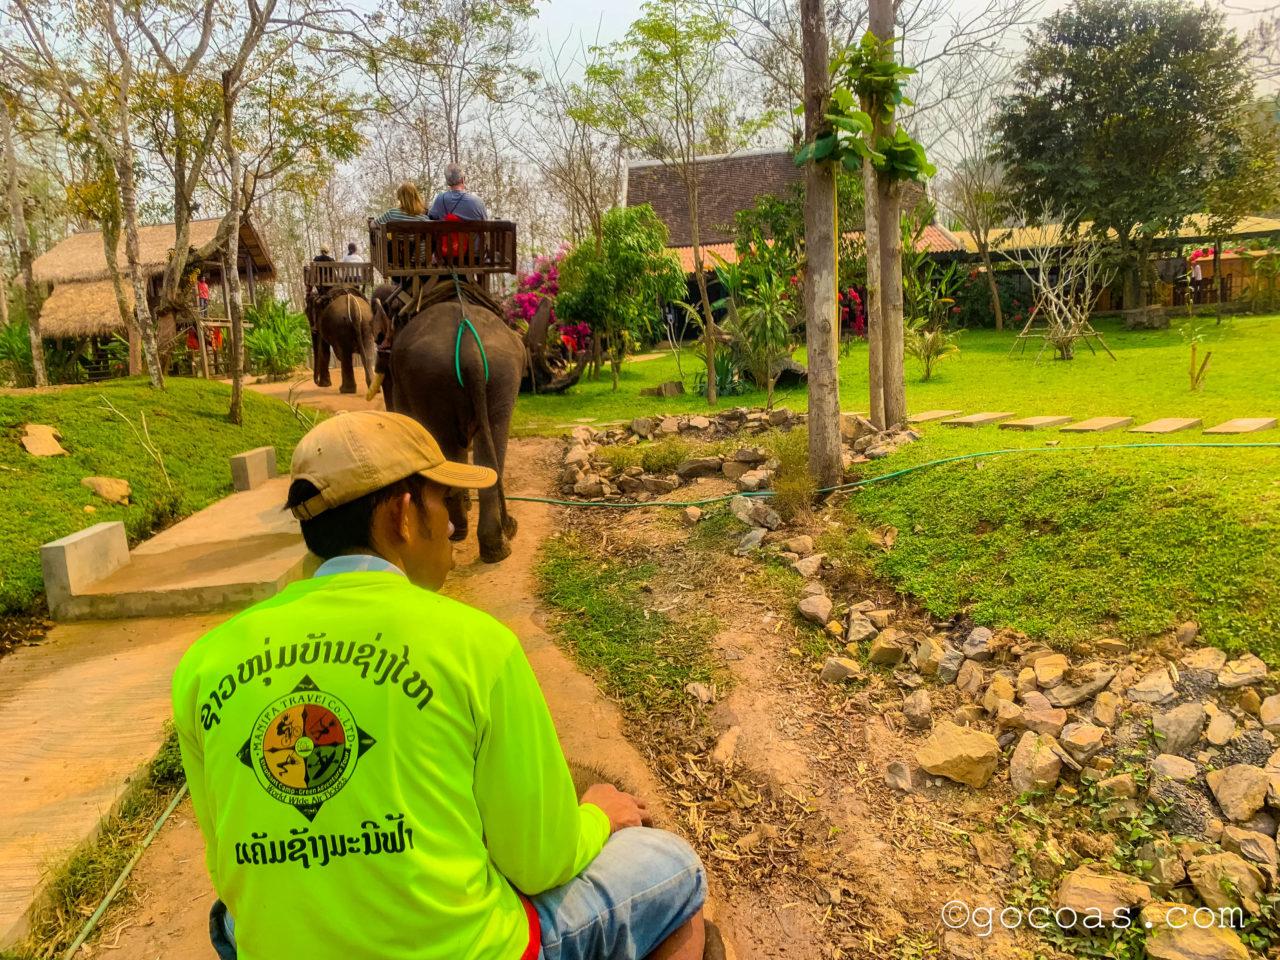 象使い体験で象に乗った景色